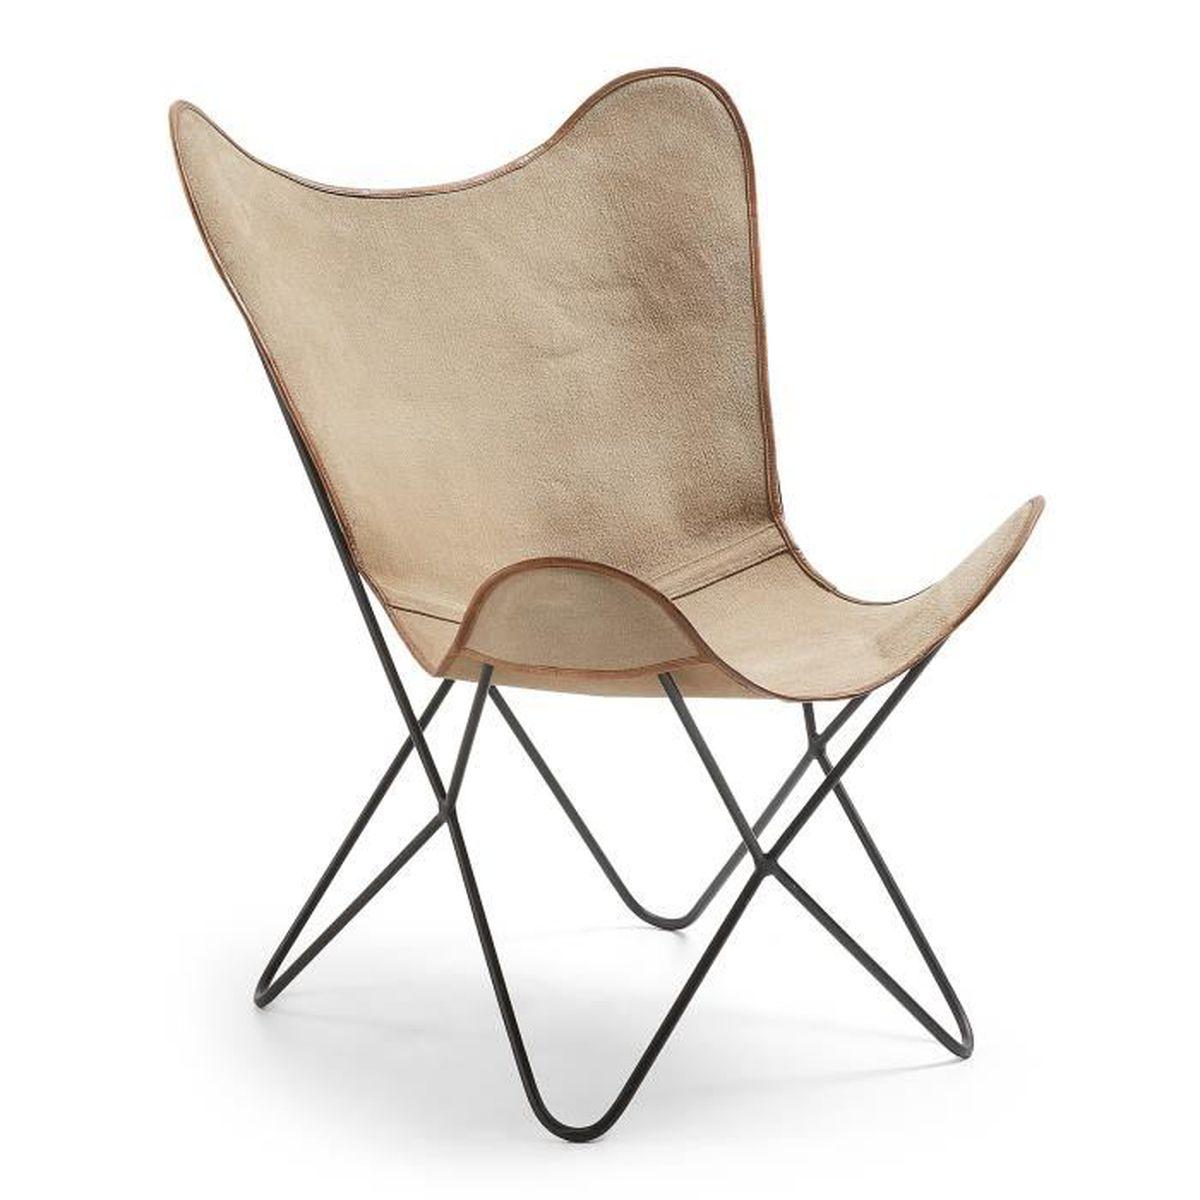 livraison gratuite 71a22 c2d05 Fauteuil Fly, toile beige - Achat / Vente fauteuil - Cdiscount